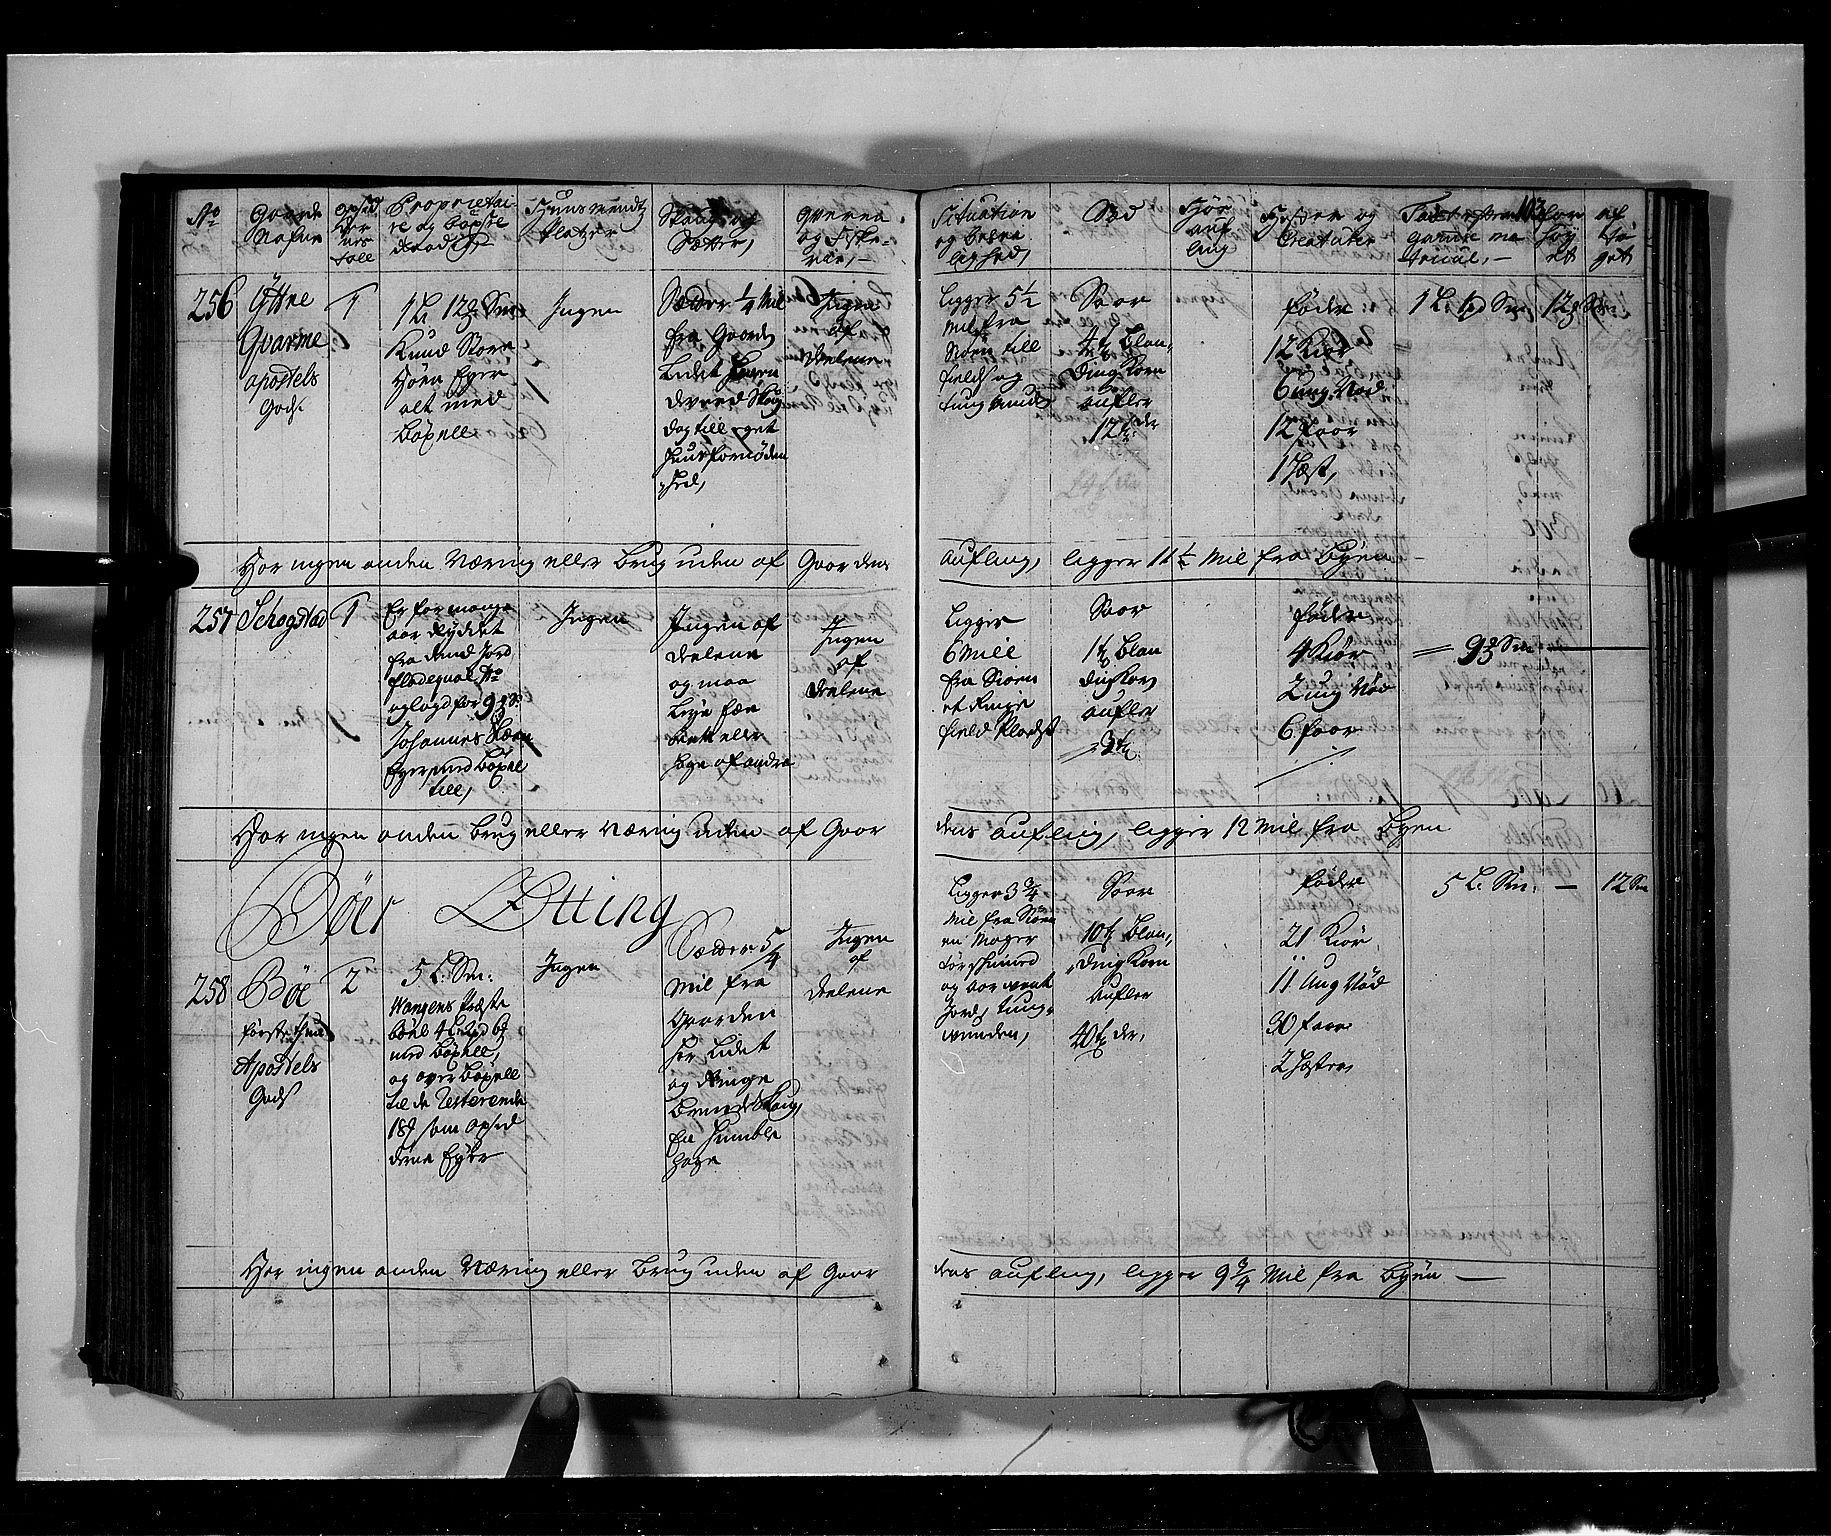 RA, Rentekammeret inntil 1814, Realistisk ordnet avdeling, N/Nb/Nbf/L0141: Voss eksaminasjonsprotokoll, 1723, s. 102b-103a